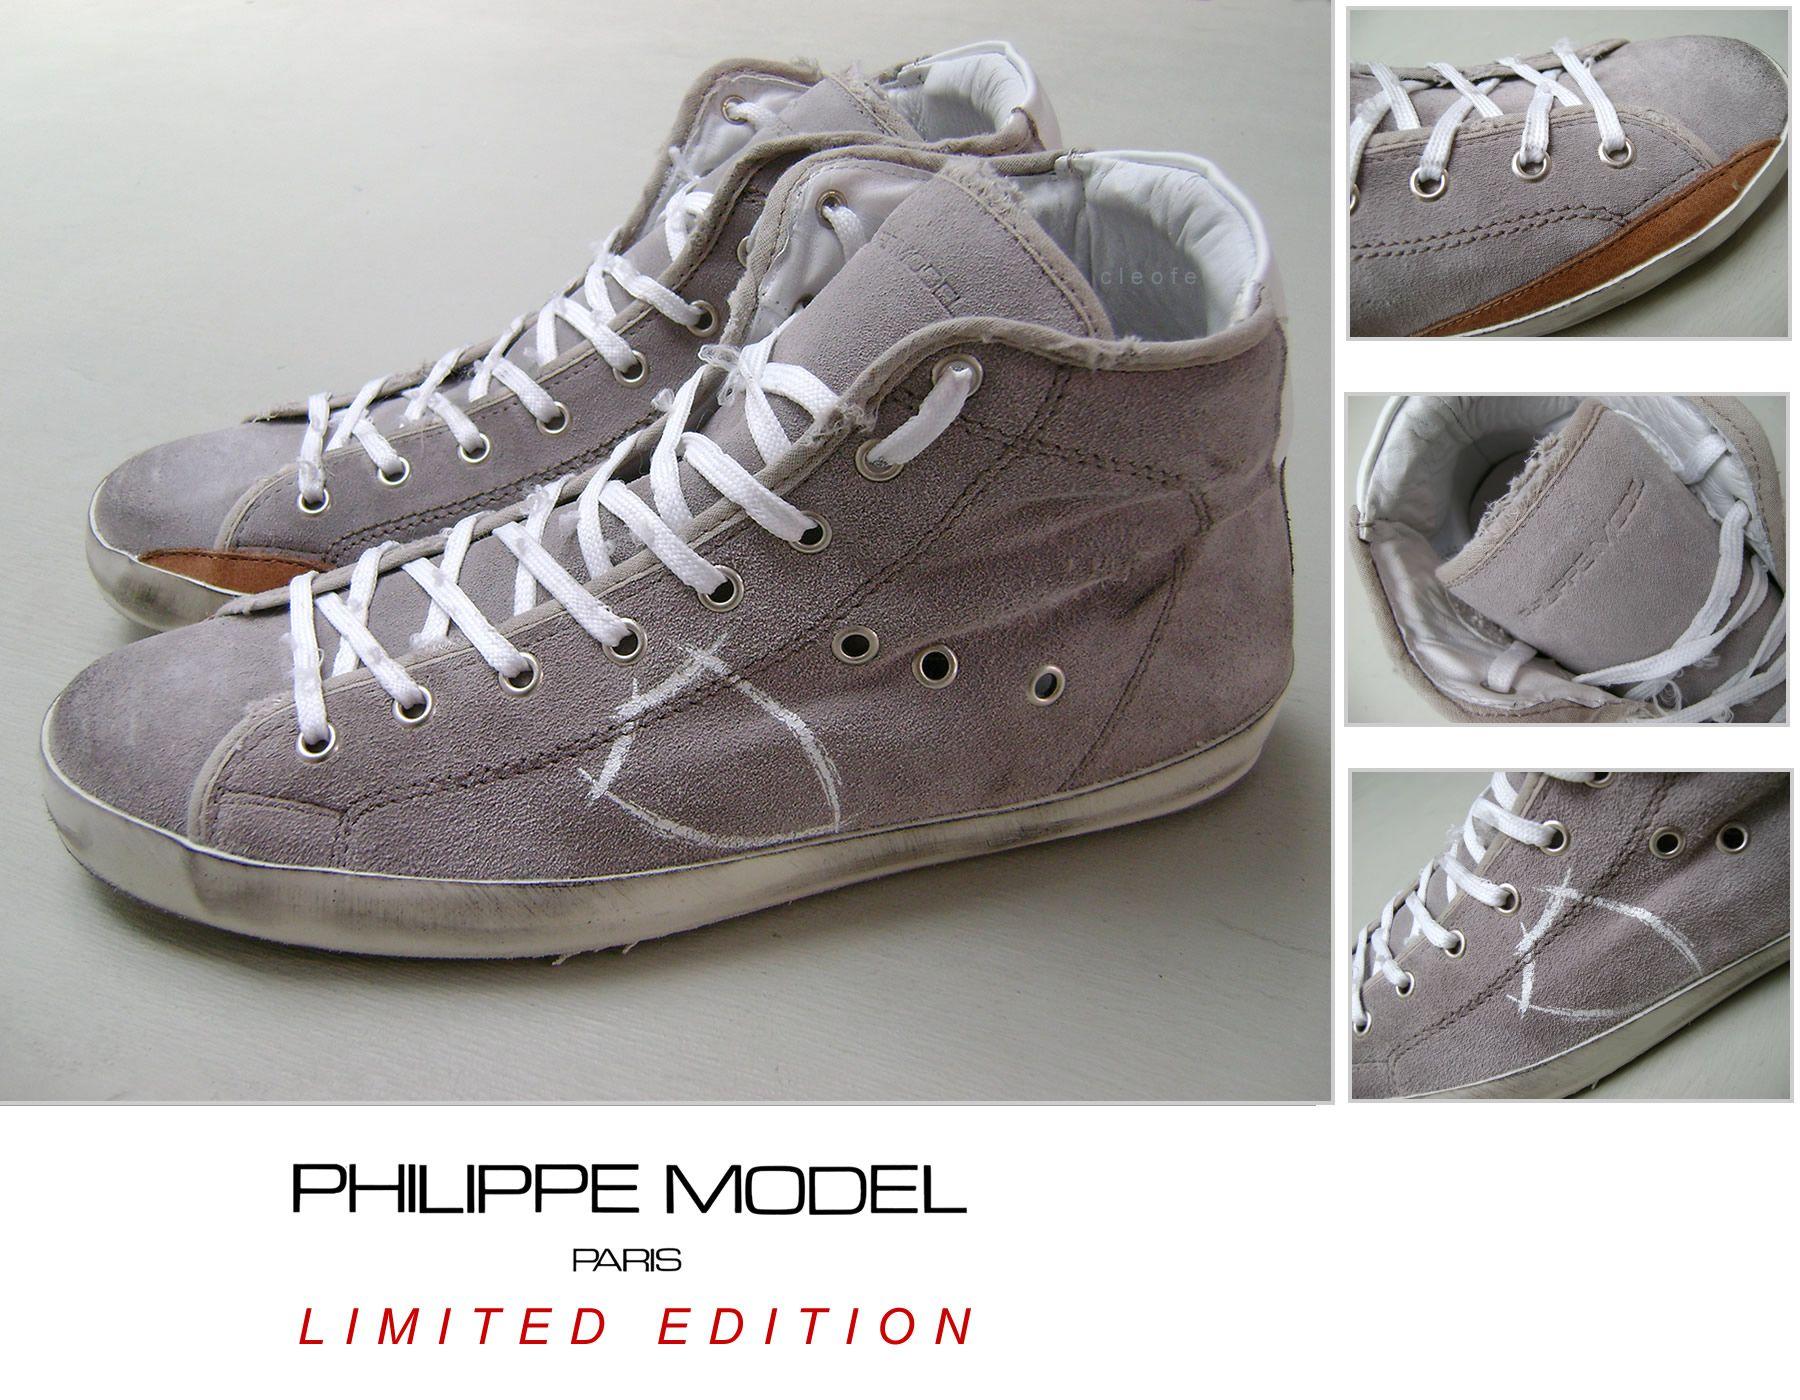 Scarpe Sneakers PHILIPPE MODEL - Modello LIMITED EDITION ALTO col. Grigio  Chiaro Stupenda Edizione Limitata afb475ebc7e